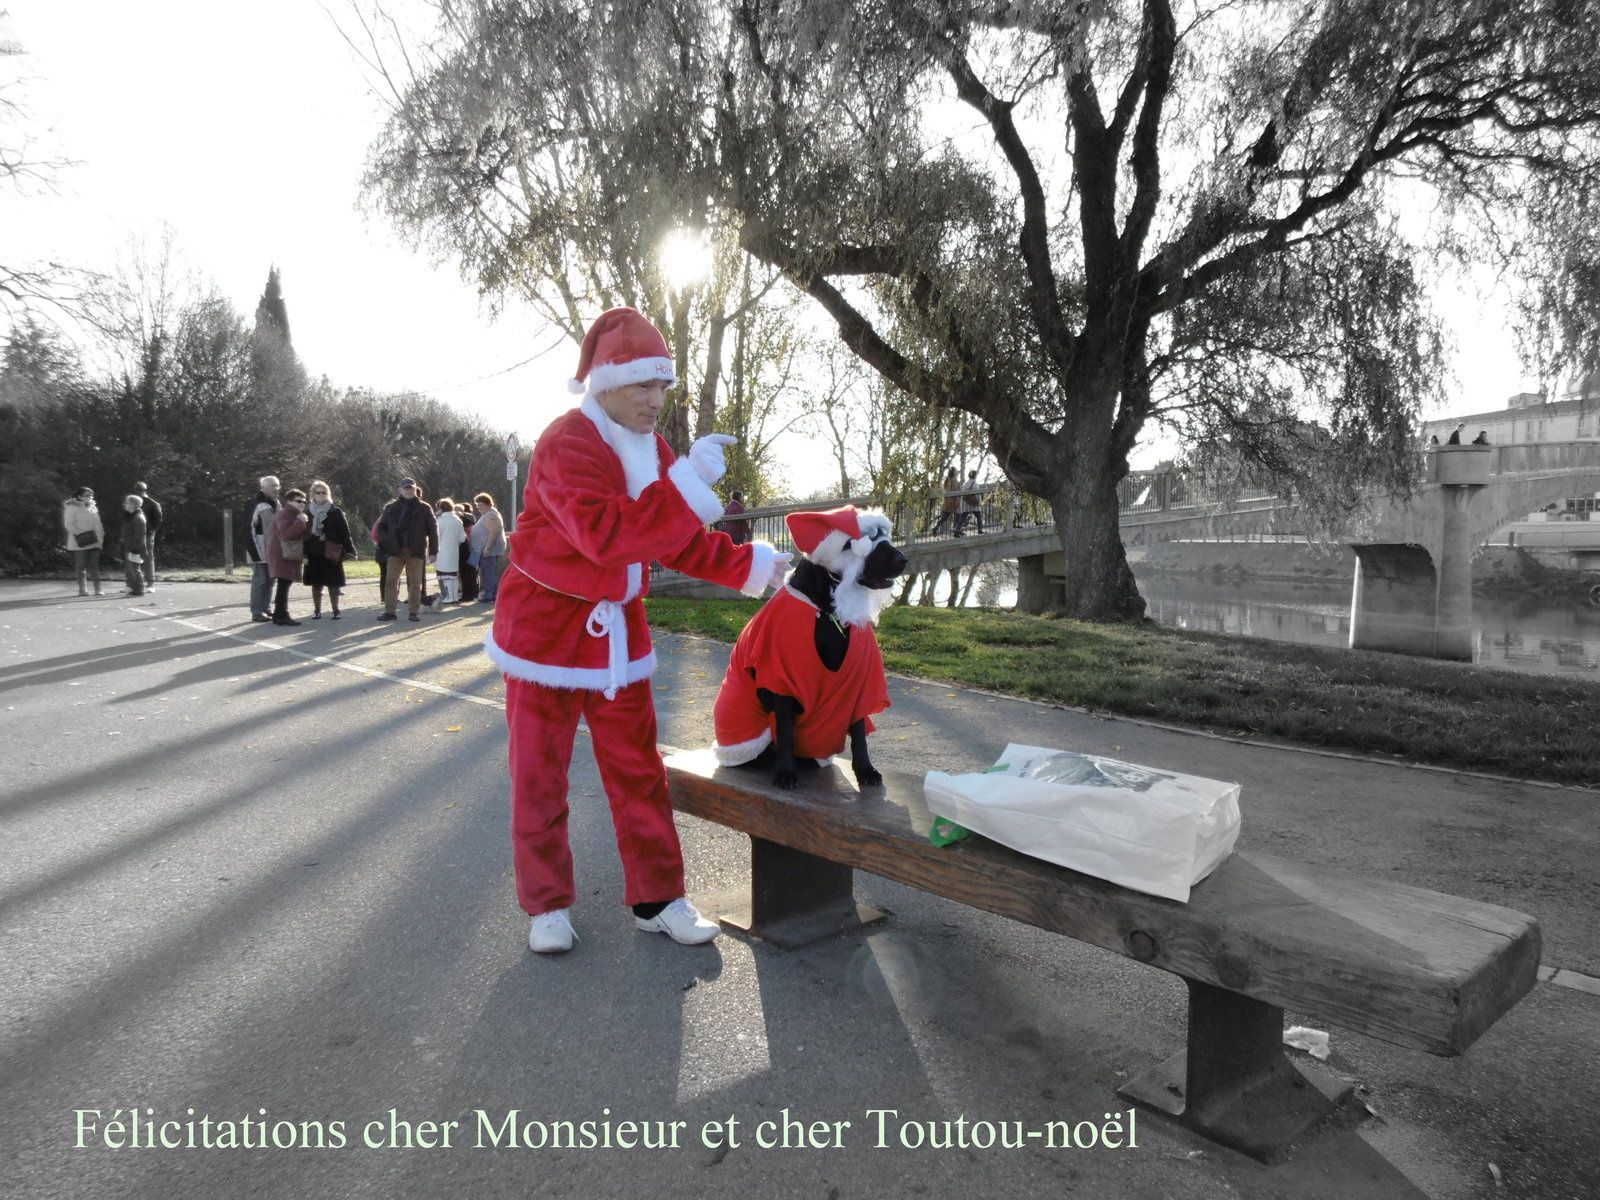 Le projet de ce sympathique homme rouge c'est de faire tirer un traîneau par son toutou-Noël, transportant ainsi un jeune enfant.... pas gagné....!